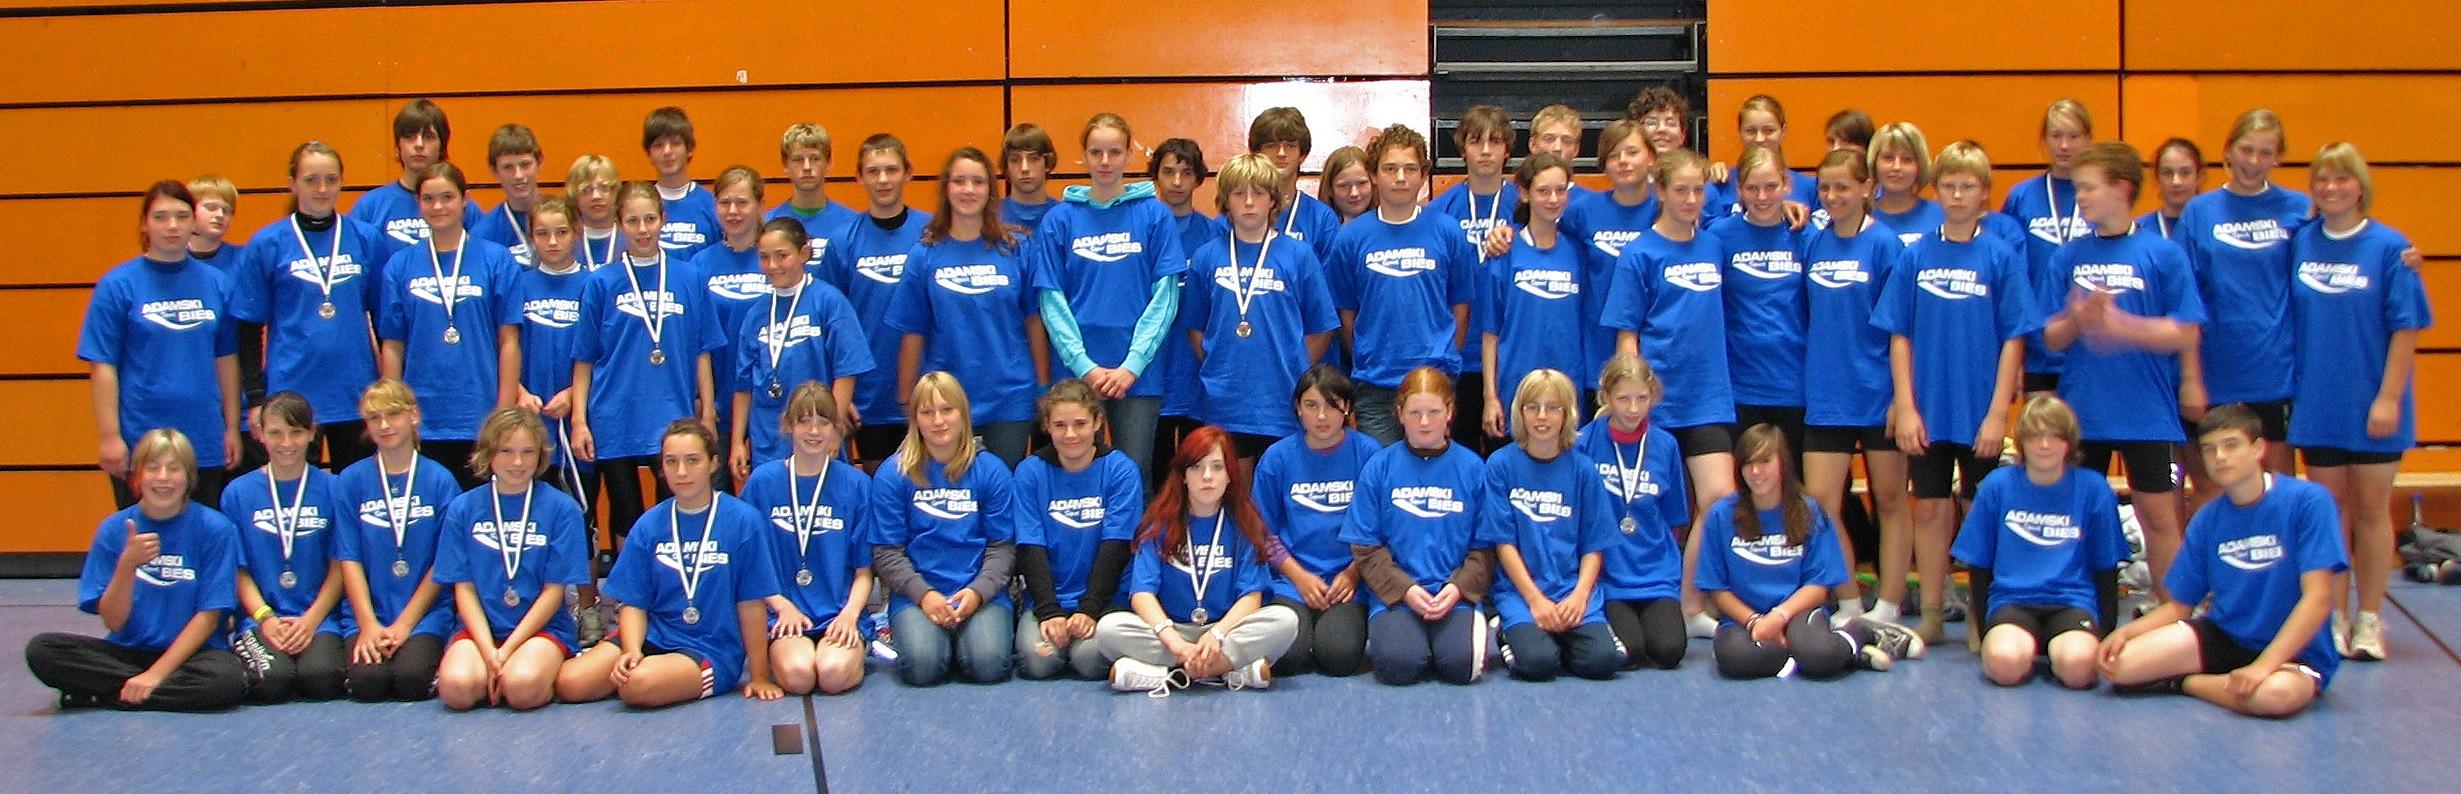 KinderLandesenscheid 2009 in Saarburg